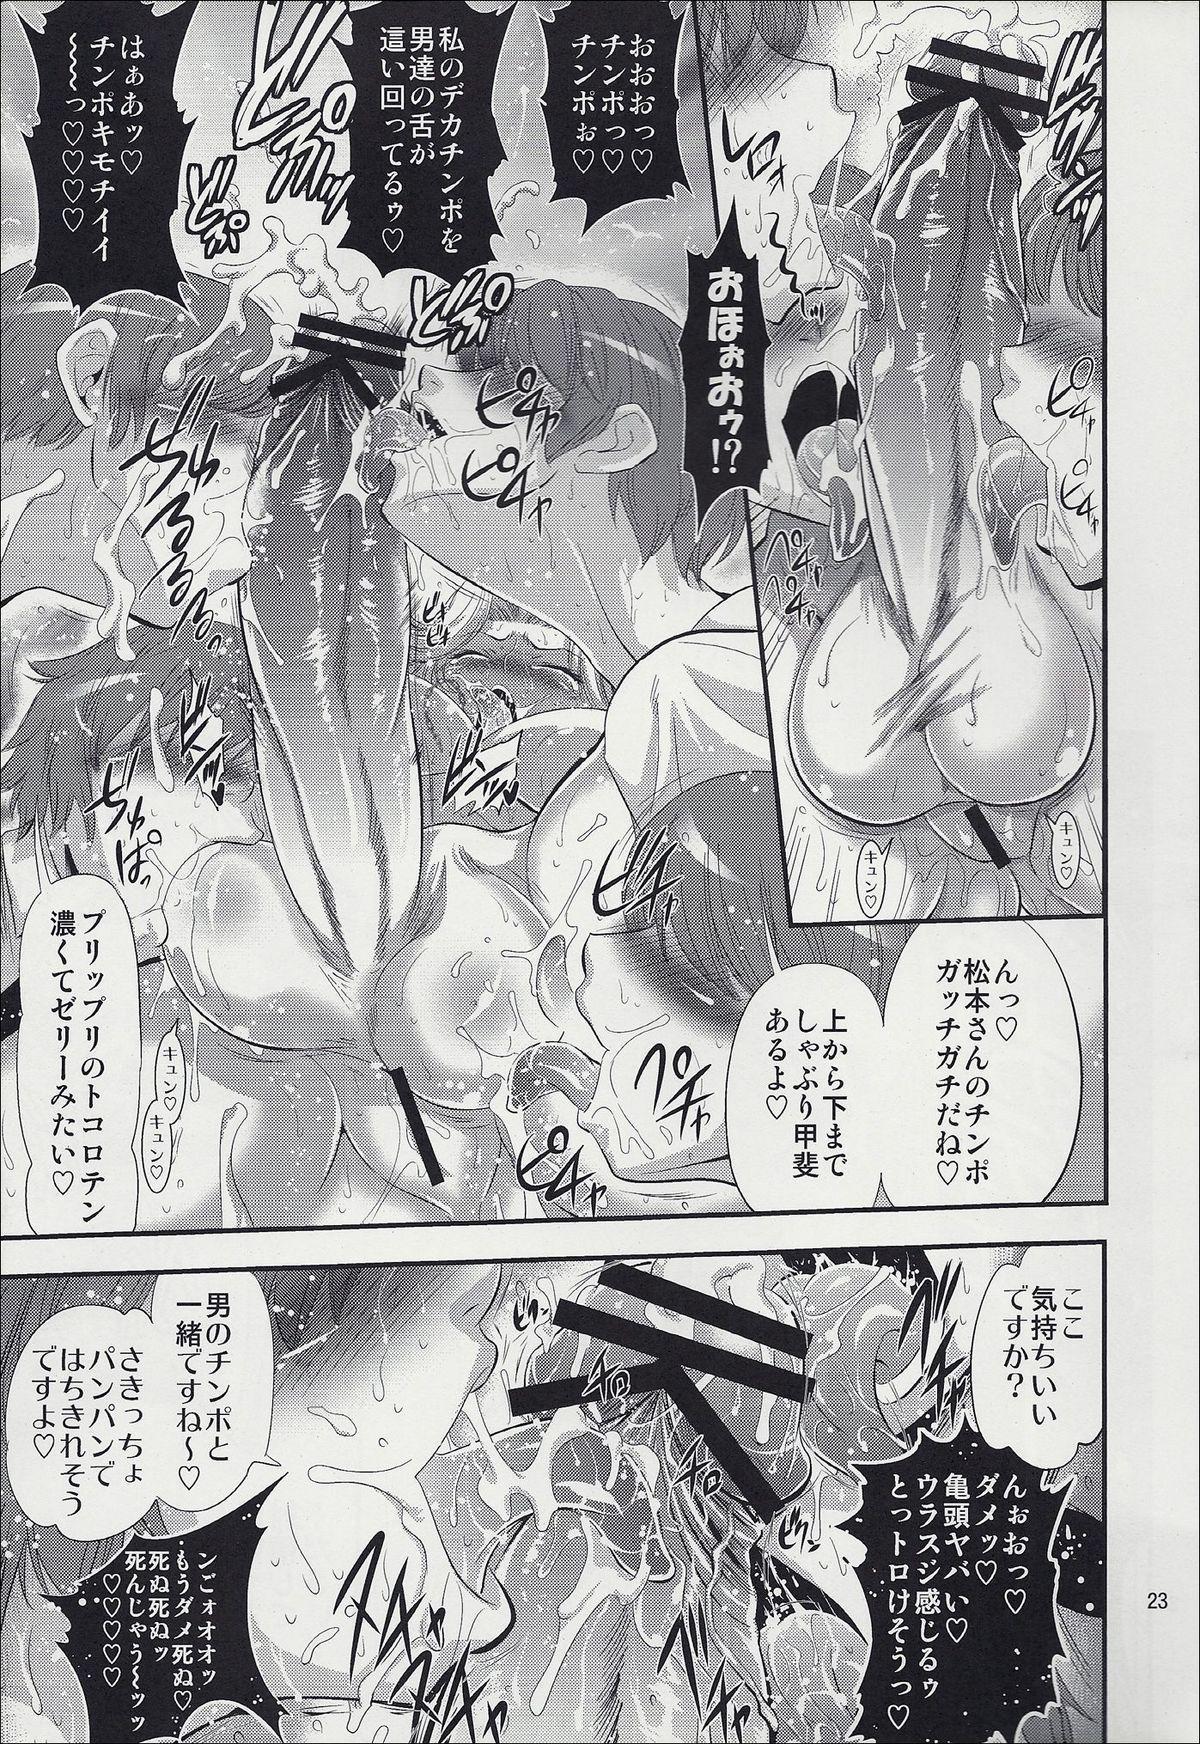 Futagiku 21